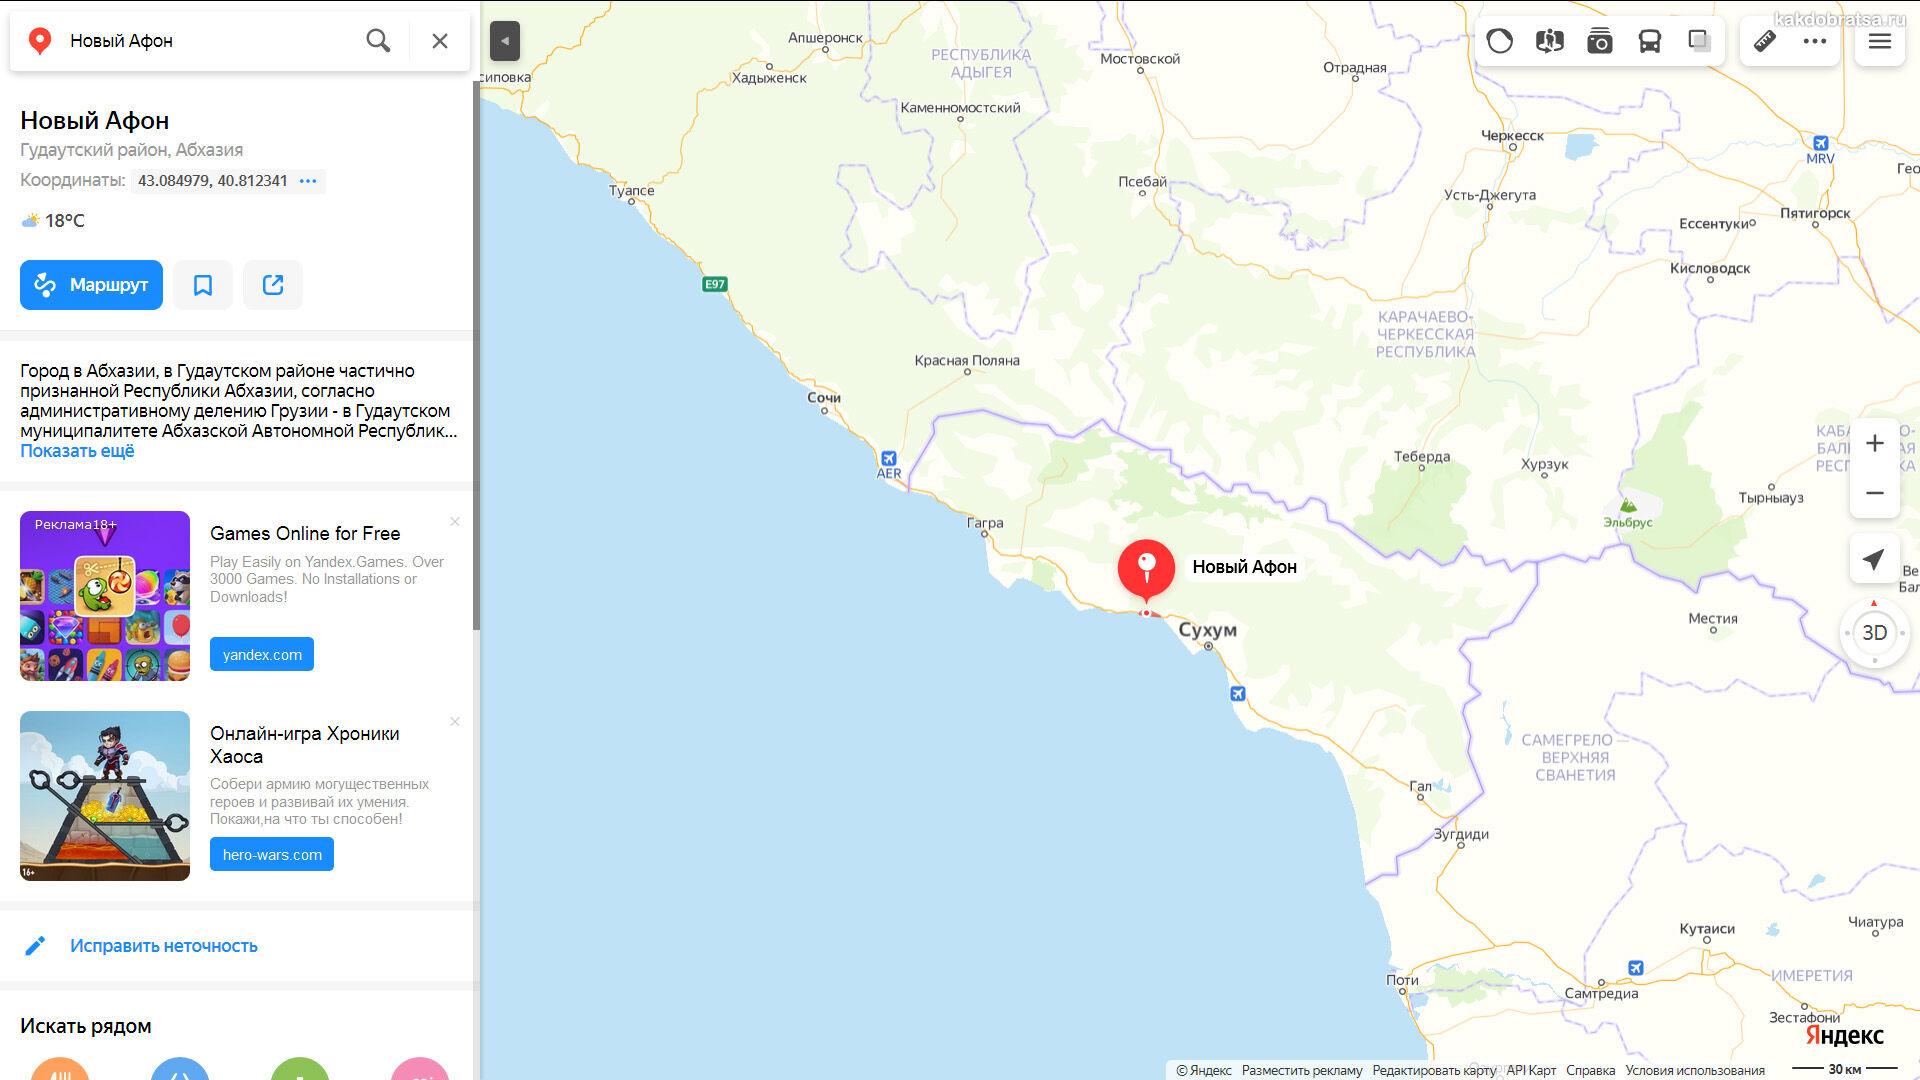 Расположение Нового Афона в Абхазии на карте